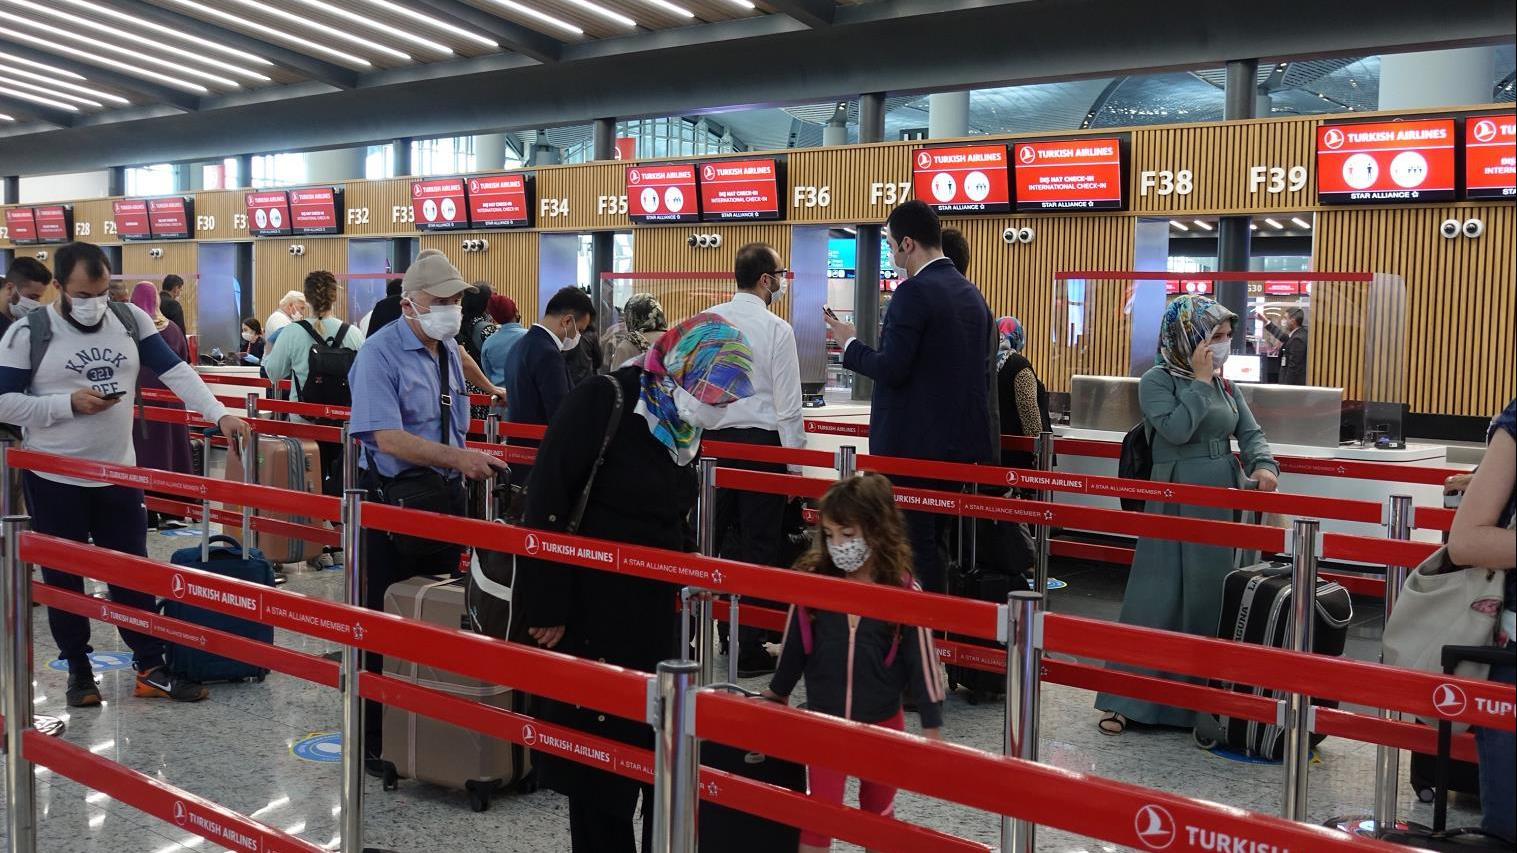 皇冠新现金【网】:同比锐减!《土耳其今年》前八个月航空客运量同比下降62.9% 第1张